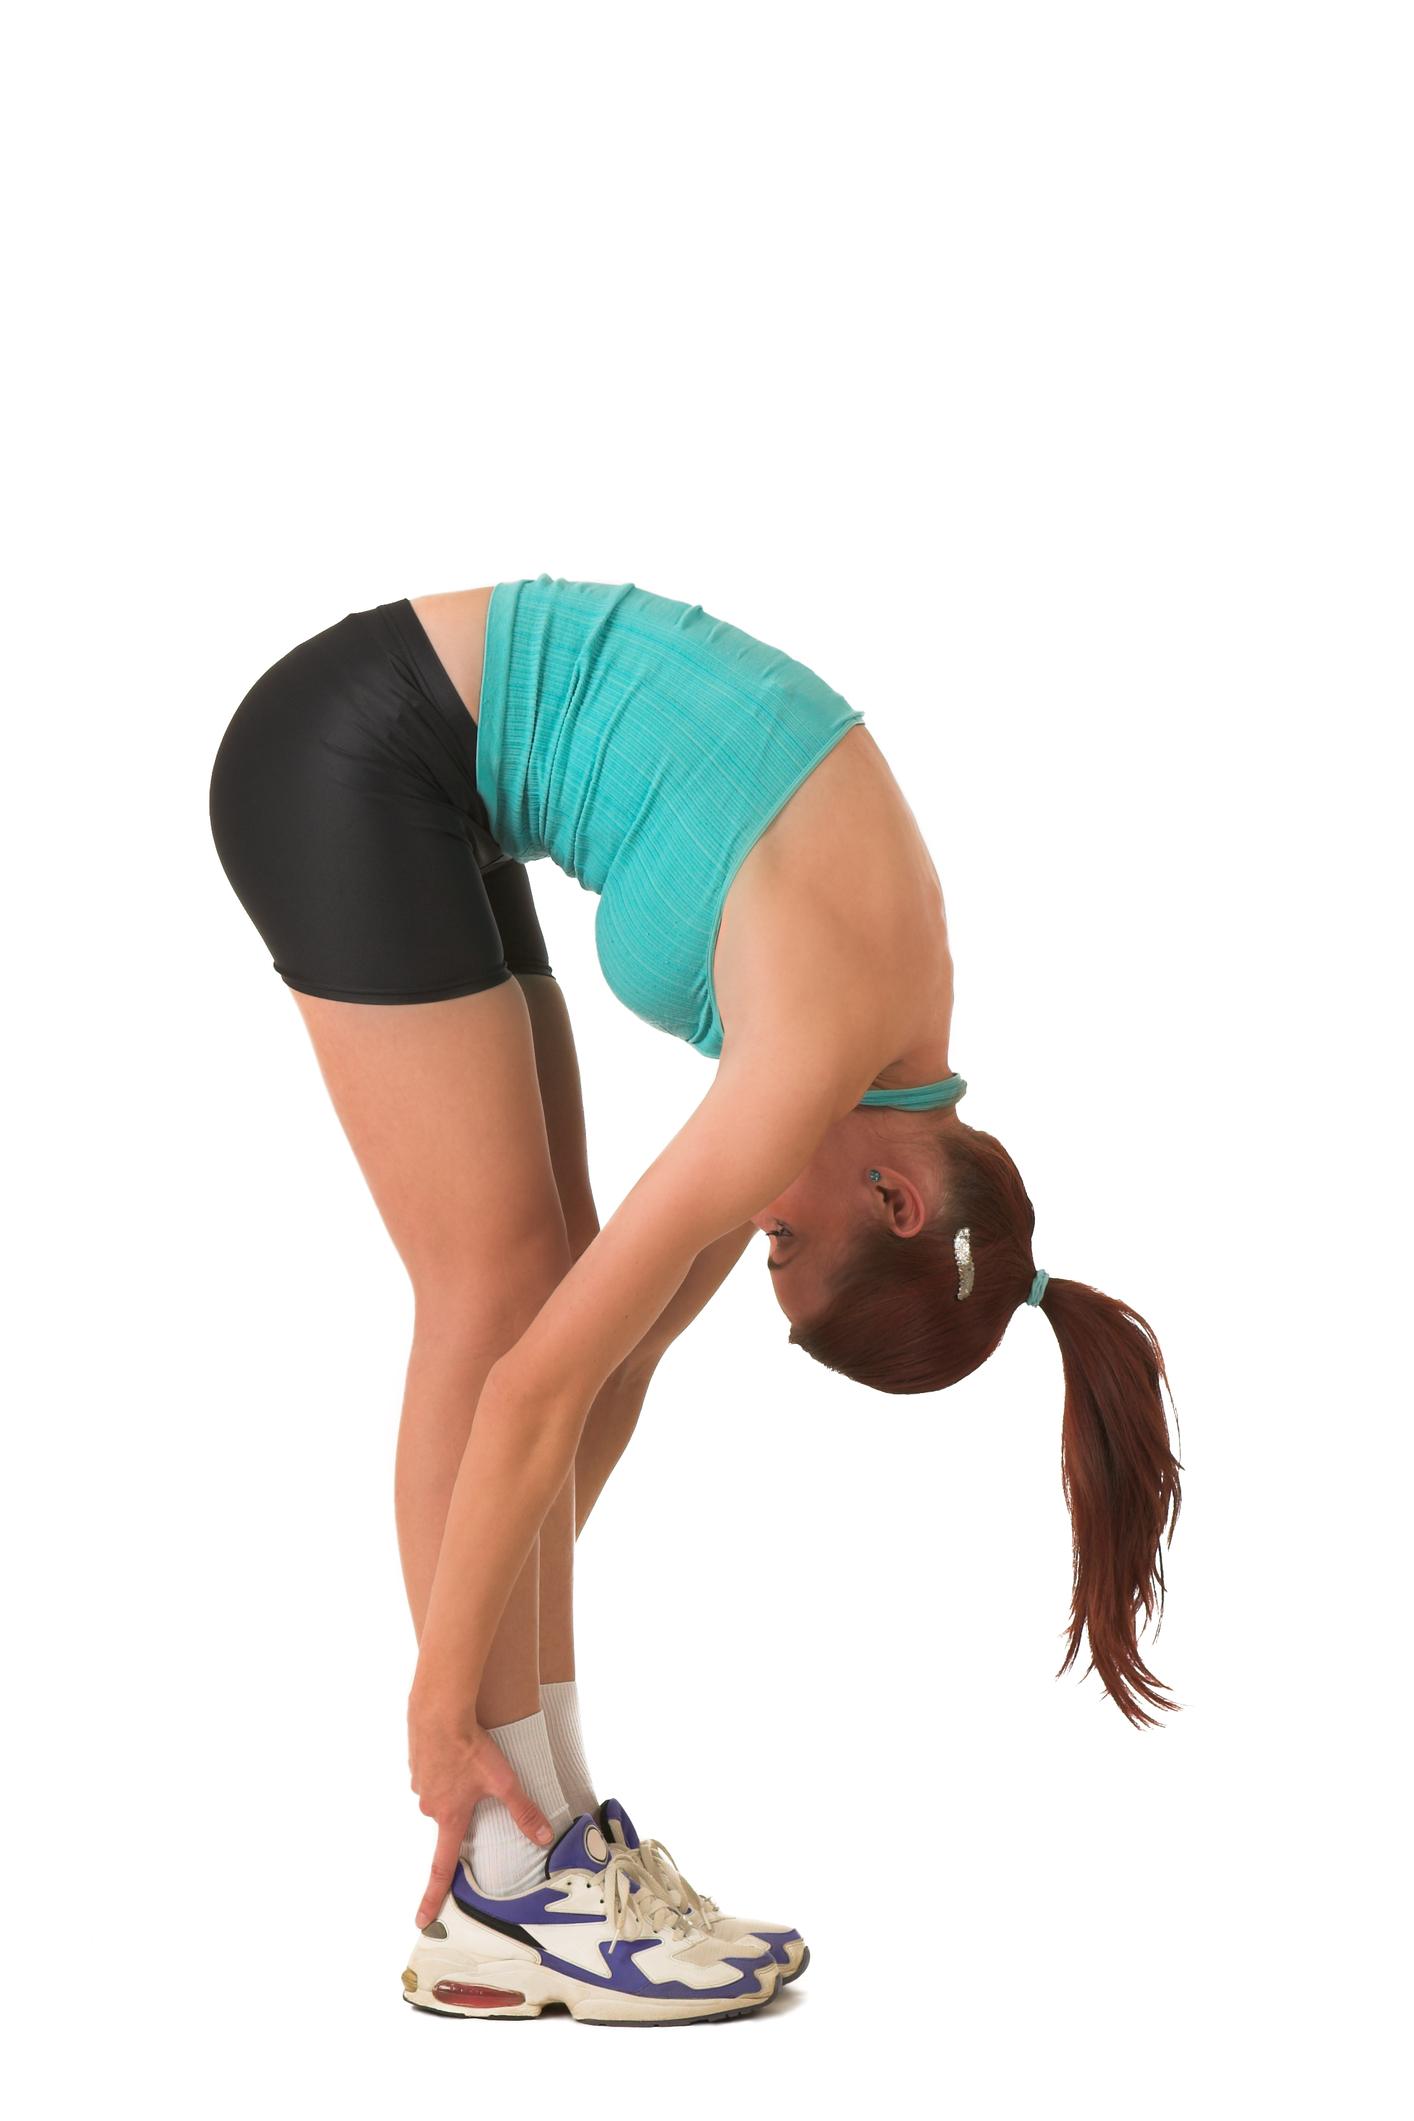 Kvinne med bøyd rygg tøyer bakside av ben og korsrygg